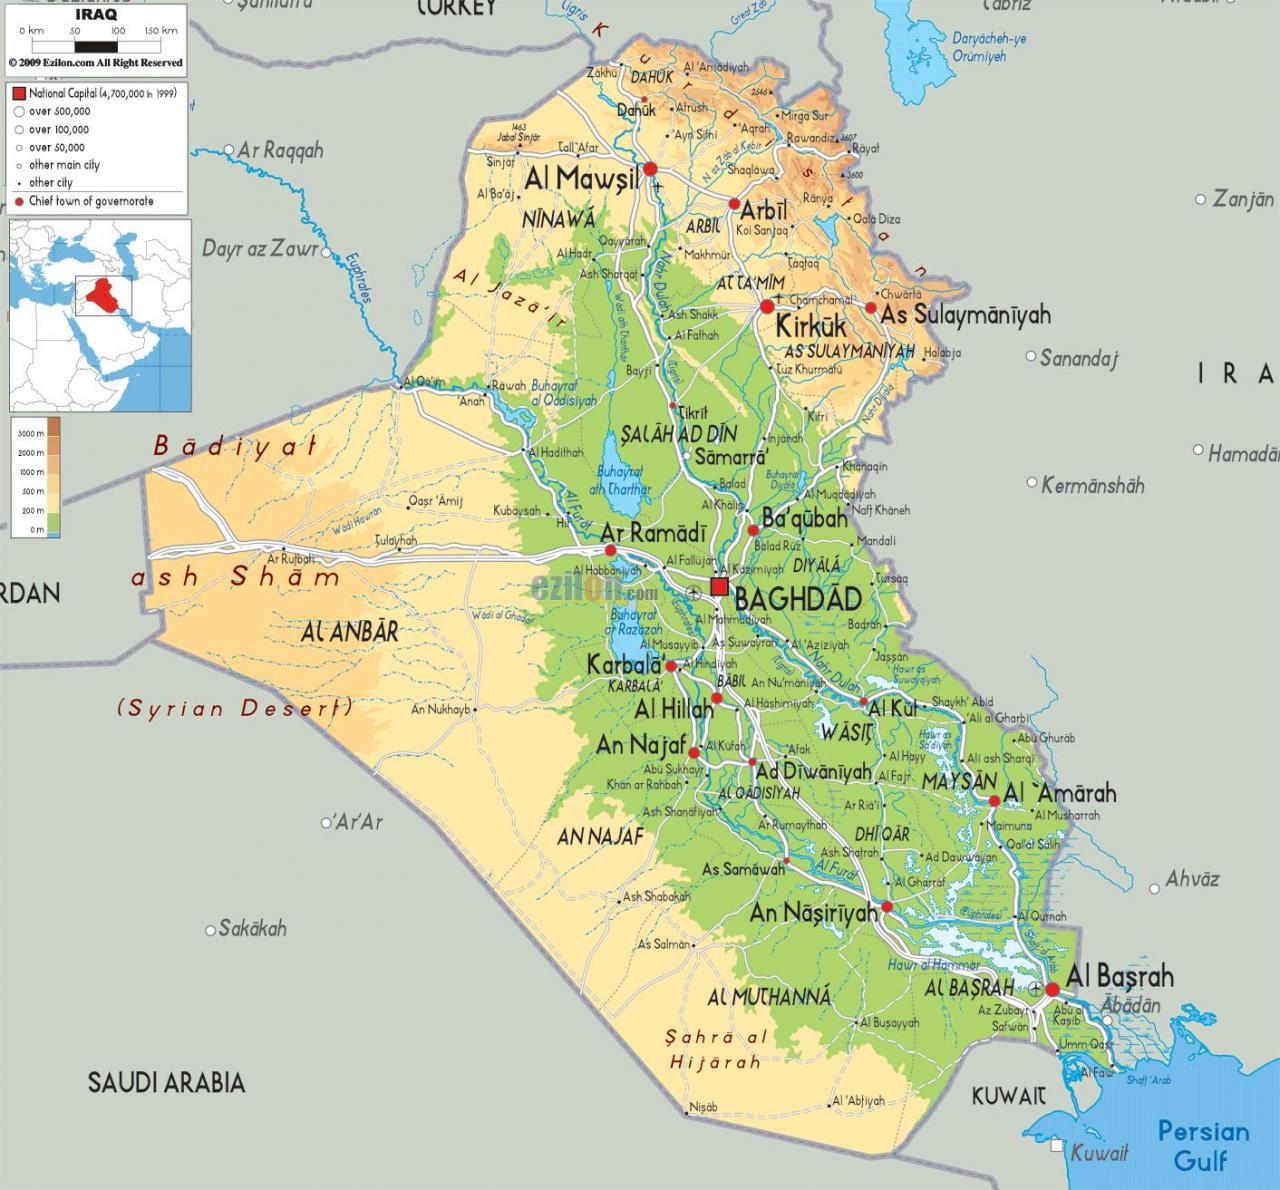 خريطة العراق الجُغرافية